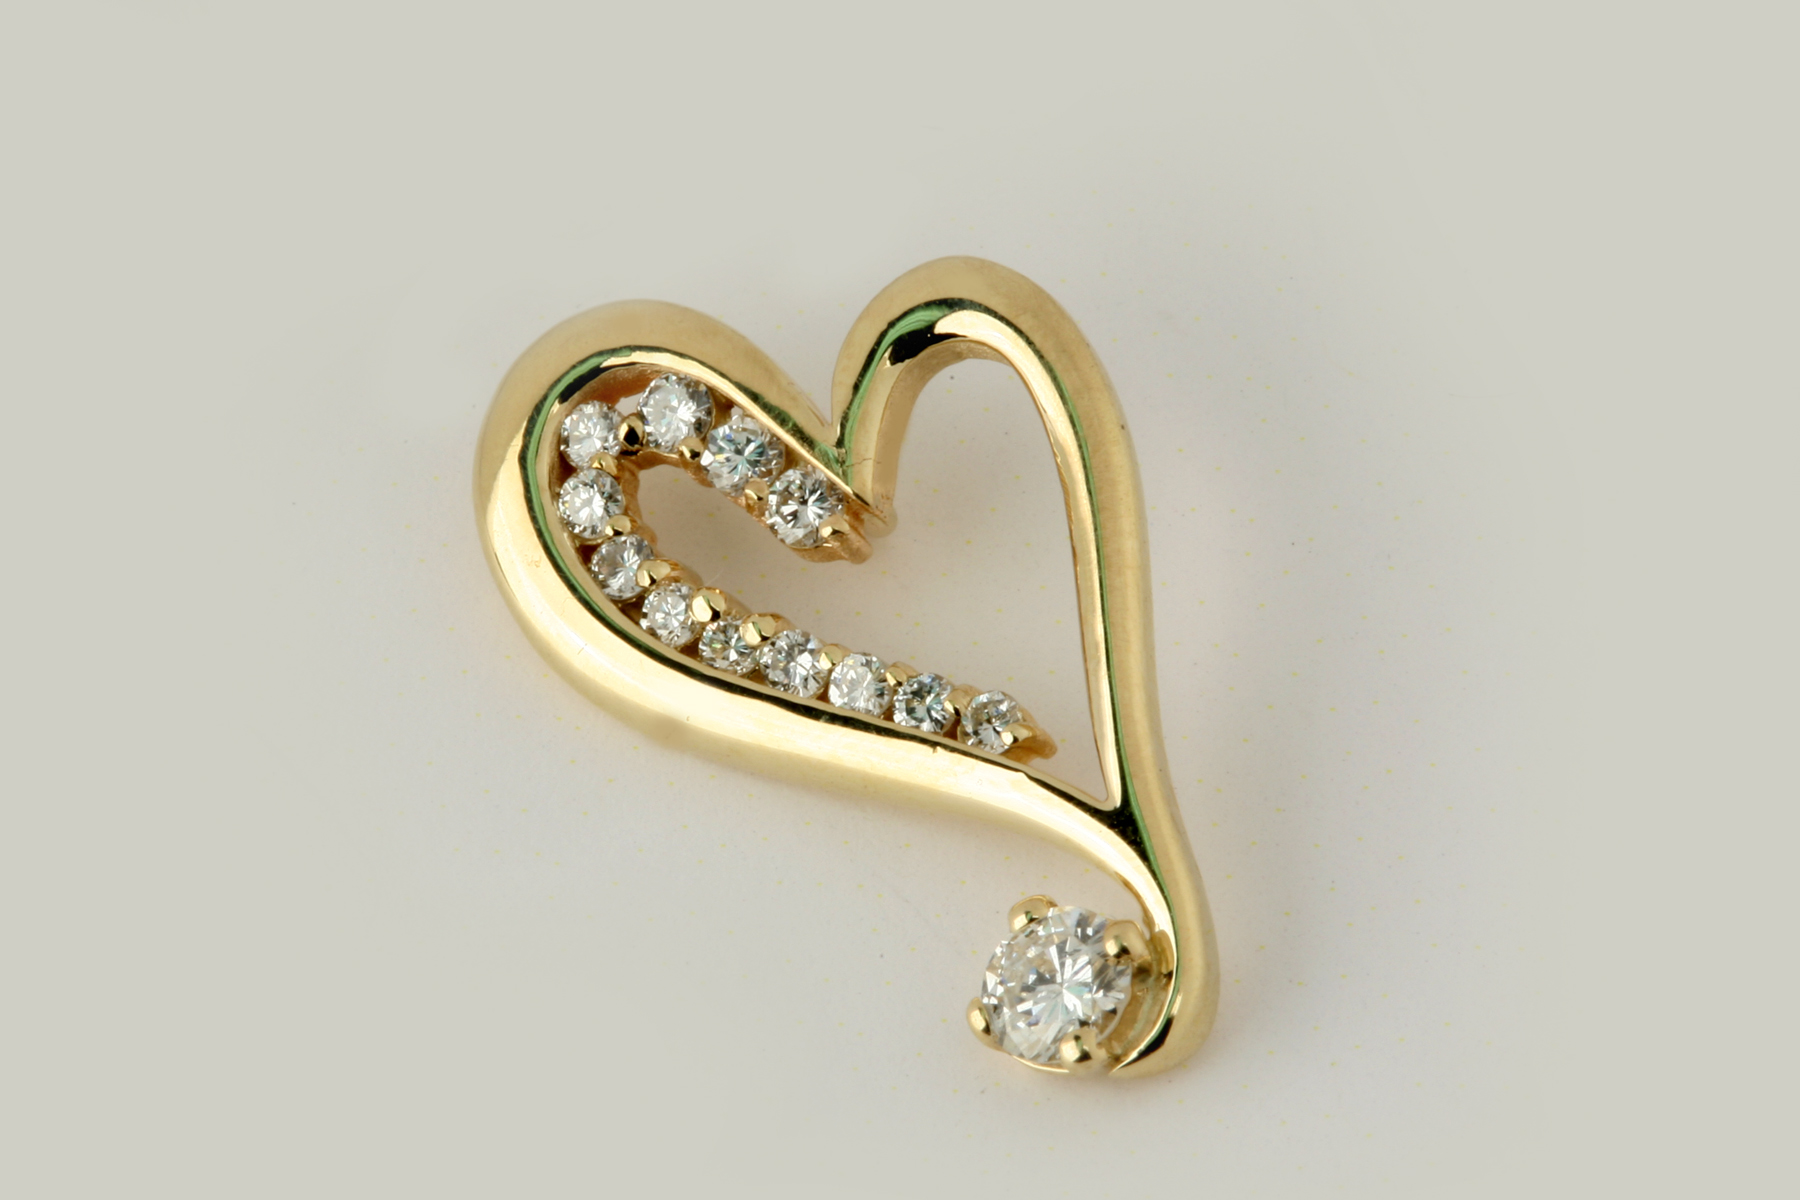 goudsieraad hartvorm